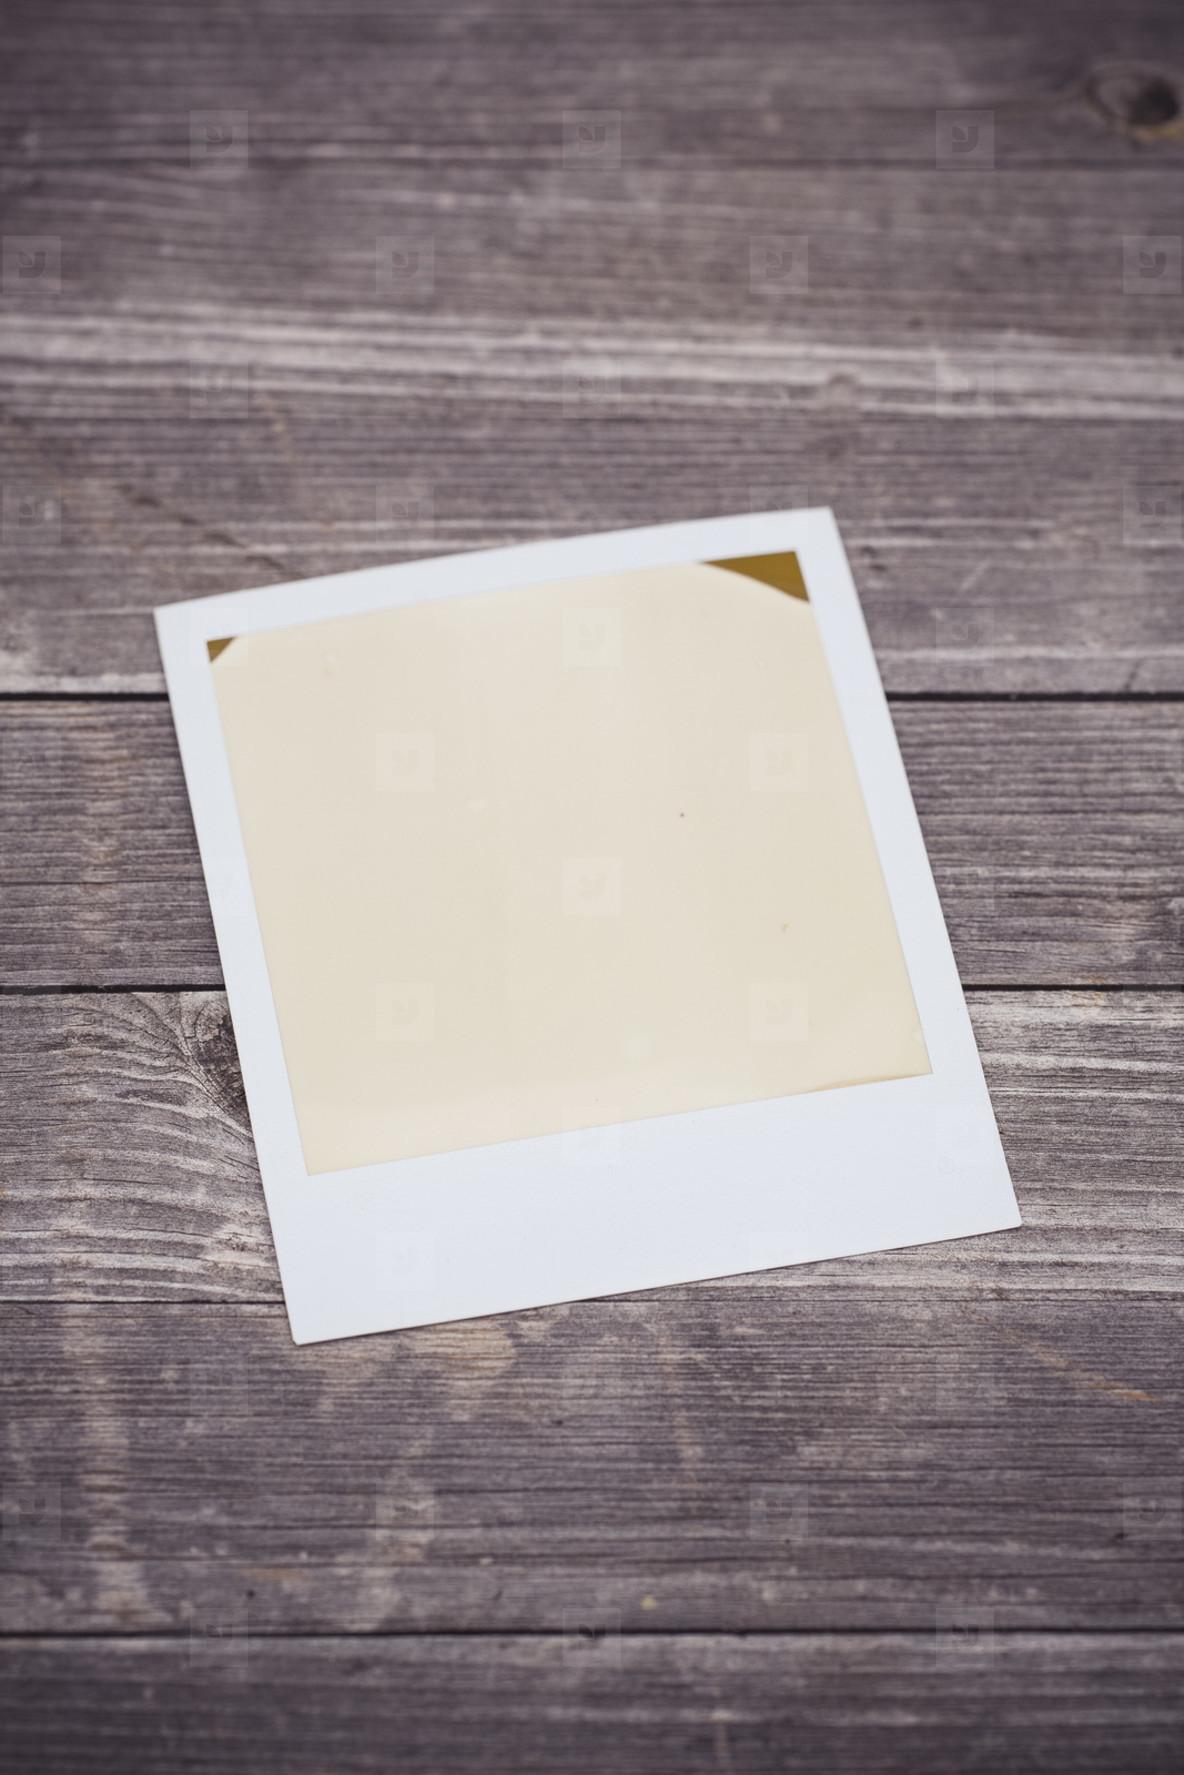 analog polaroid  instant camera